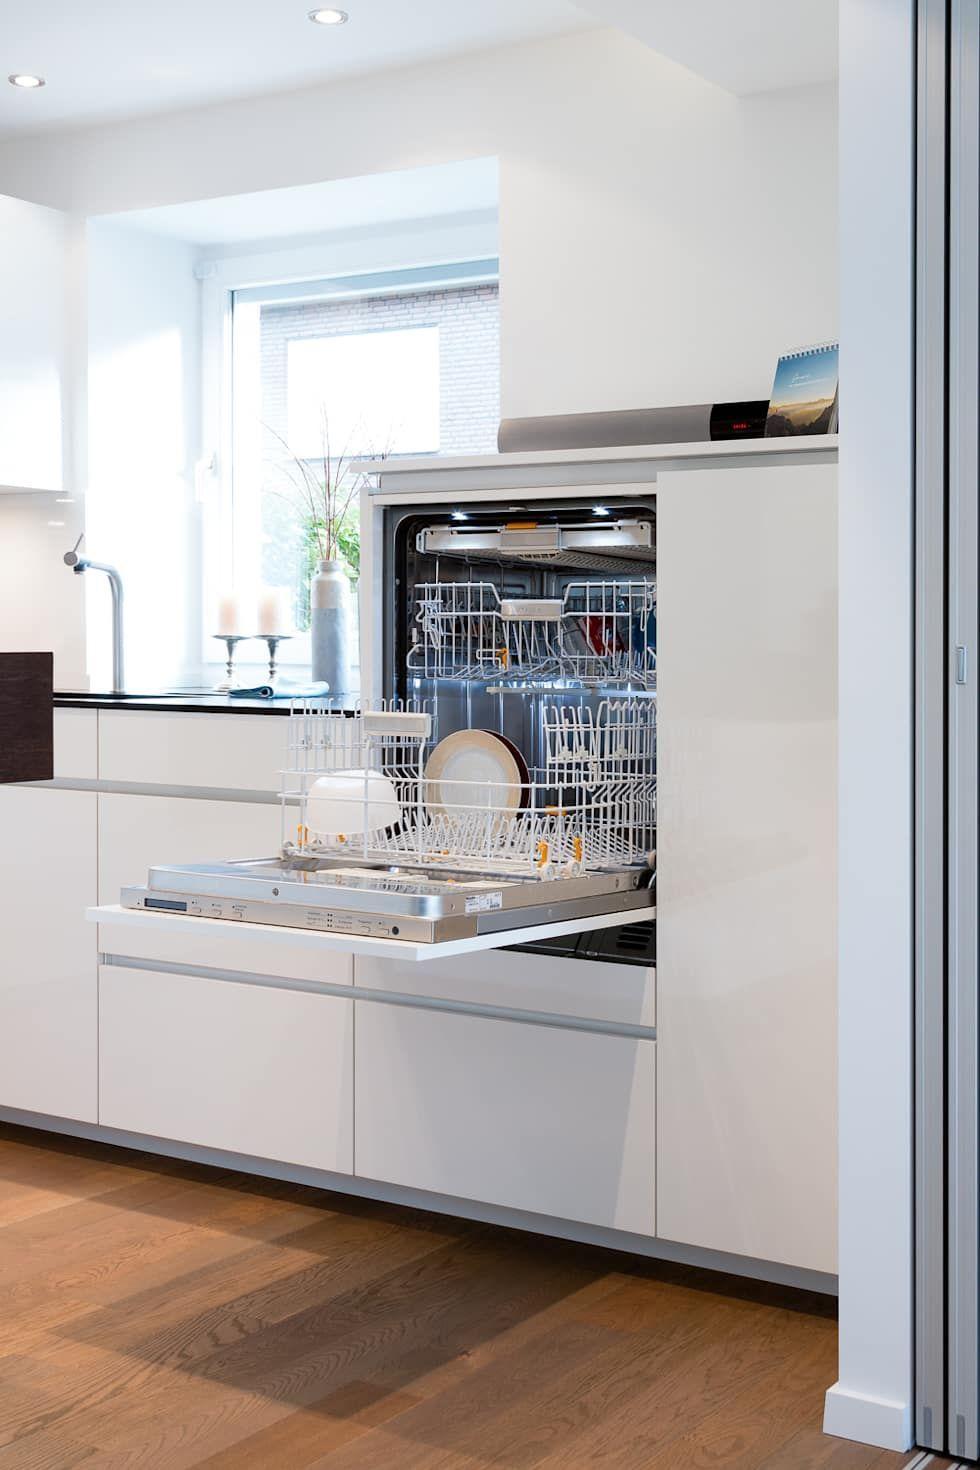 Quaker küche design geschirrspüler hochgebaut moderne küche von klocke möbelwerkstätte